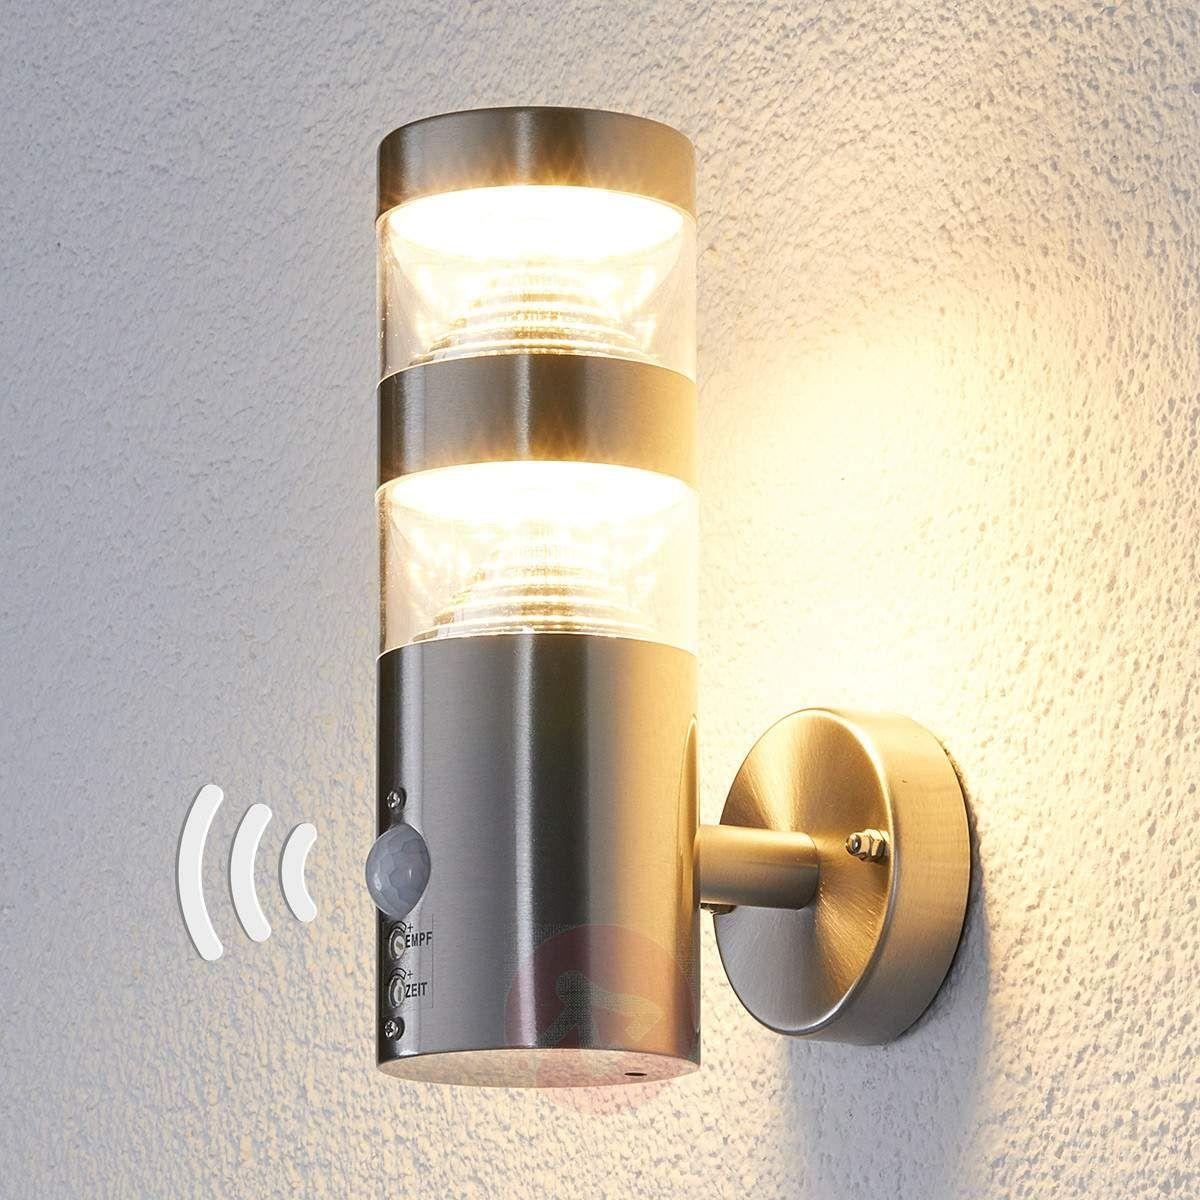 2c3fa4a8124 LED-Außenwandleuchte Lanea mit Bewegungsmelder-Wandleuchten  Außen-9988006-30 Outdoor Sconces